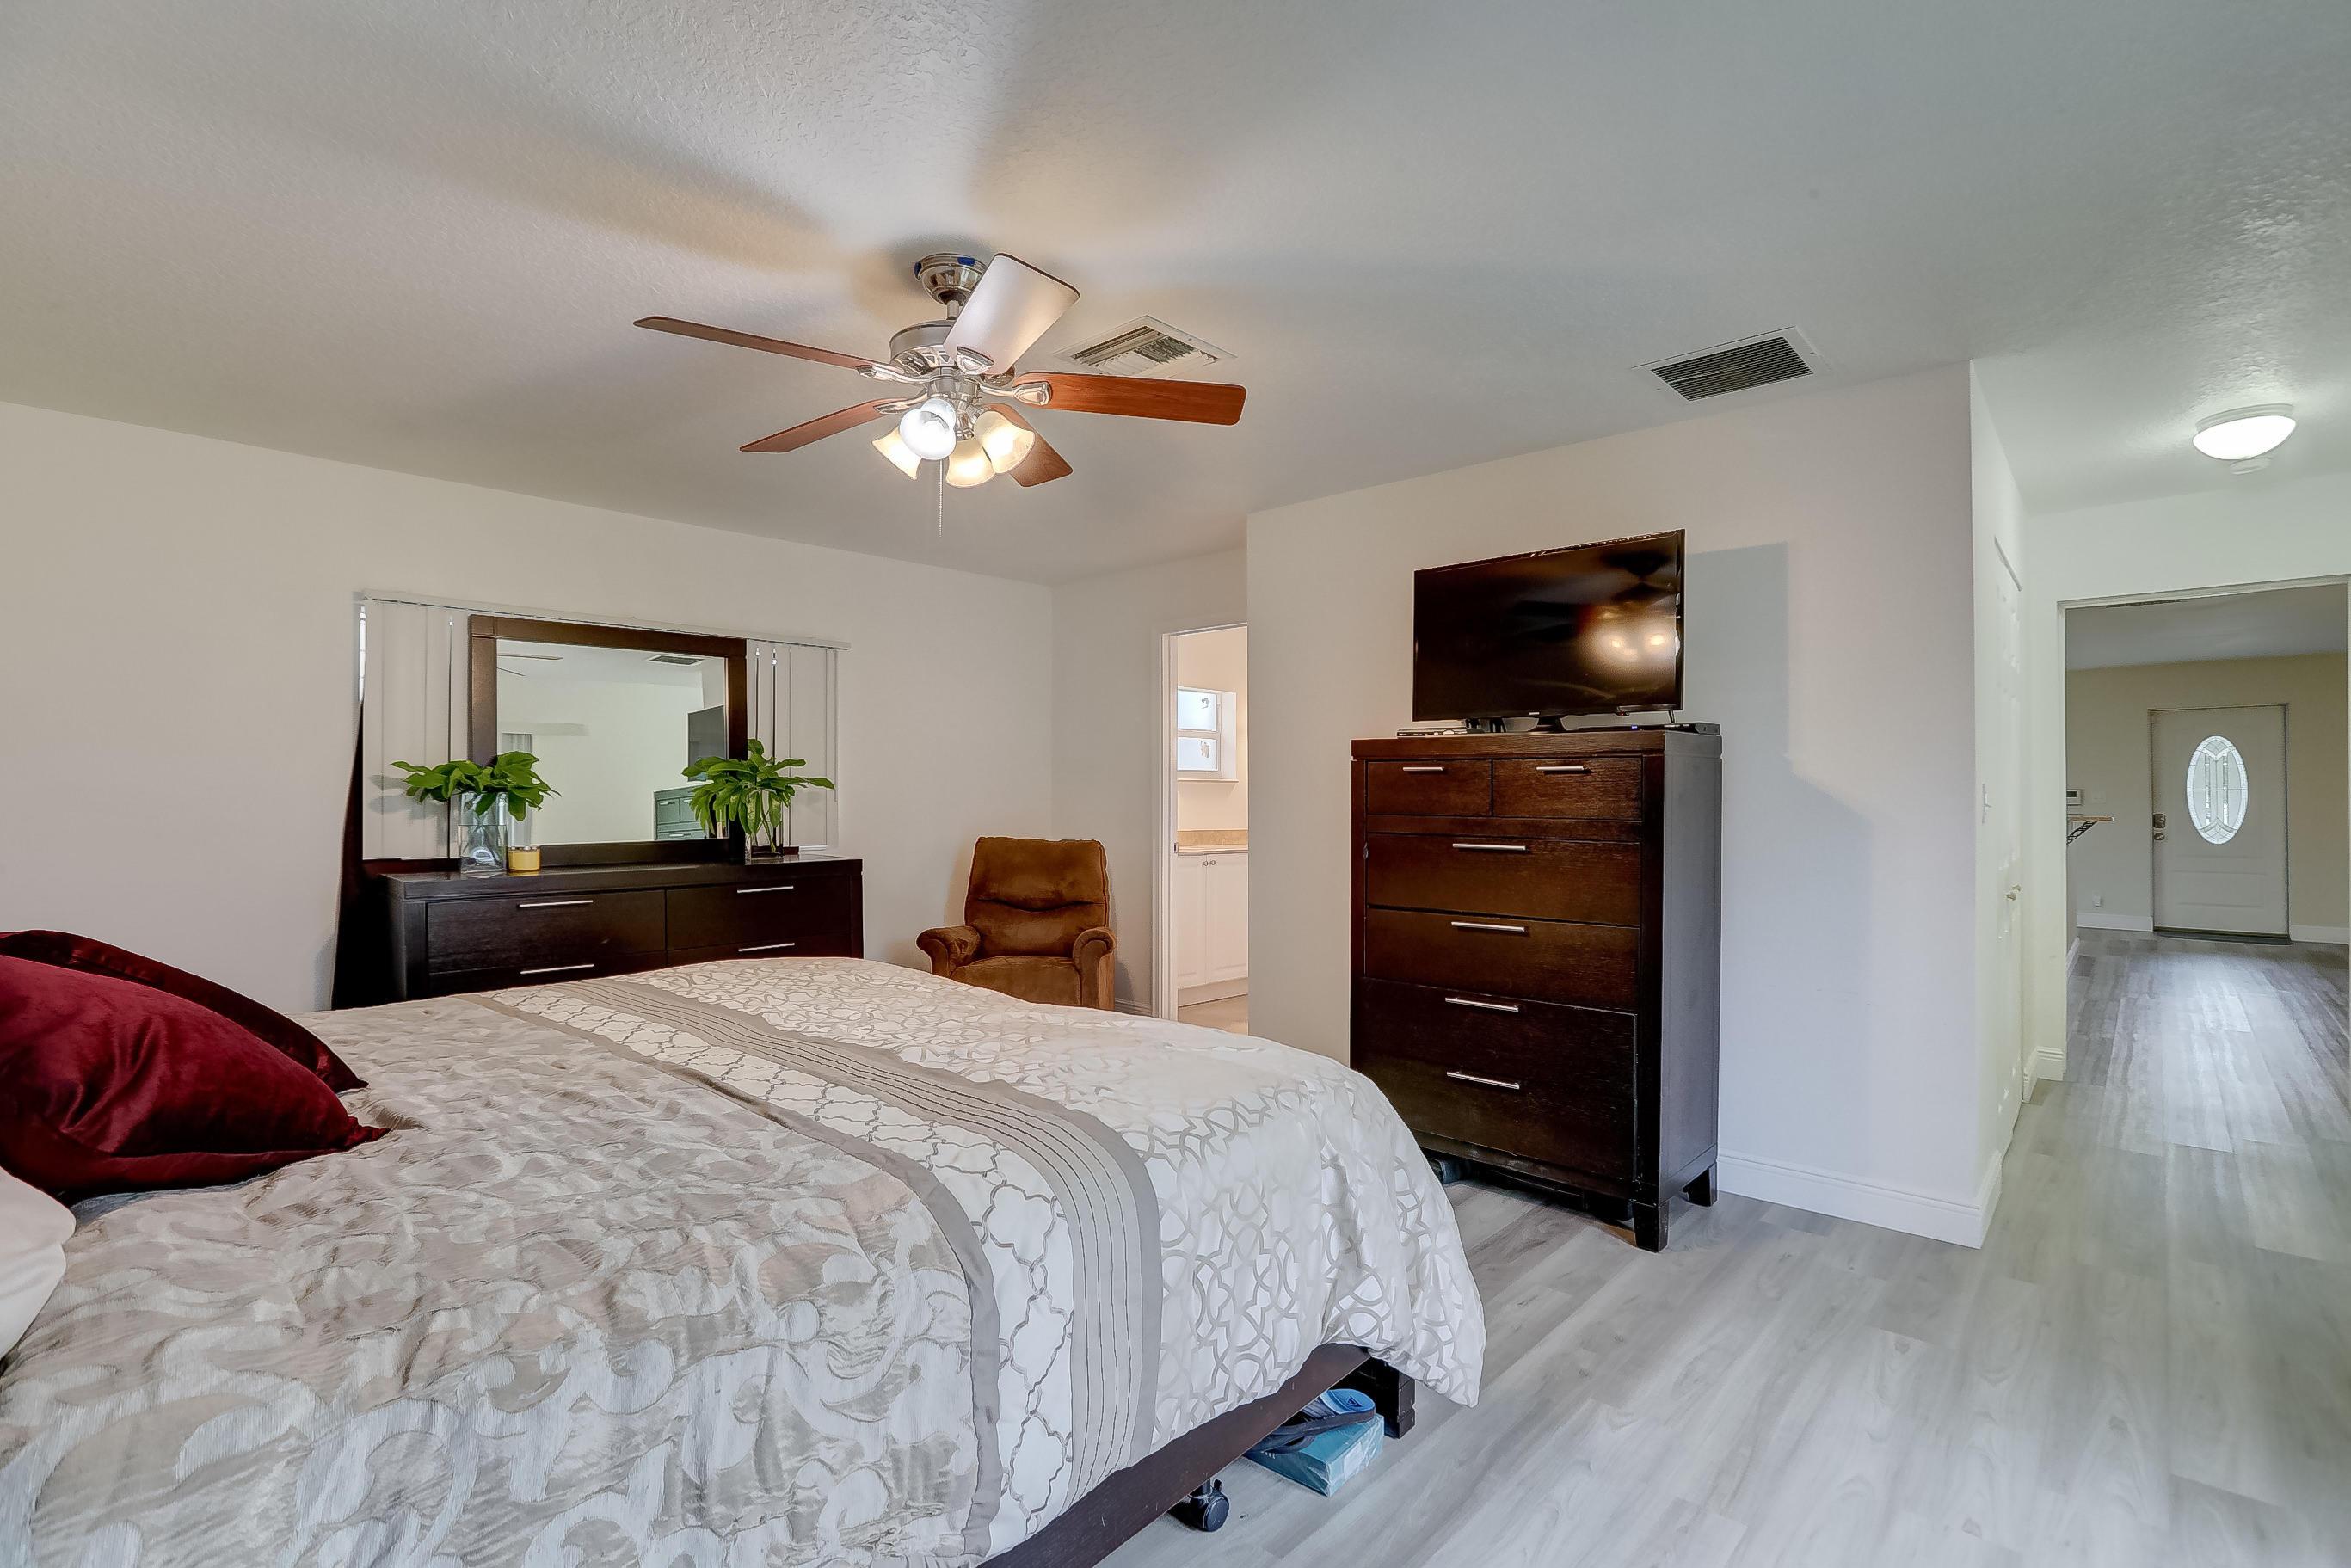 2665 NE 12th Avenue - 33064 - FL - Pompano Beach